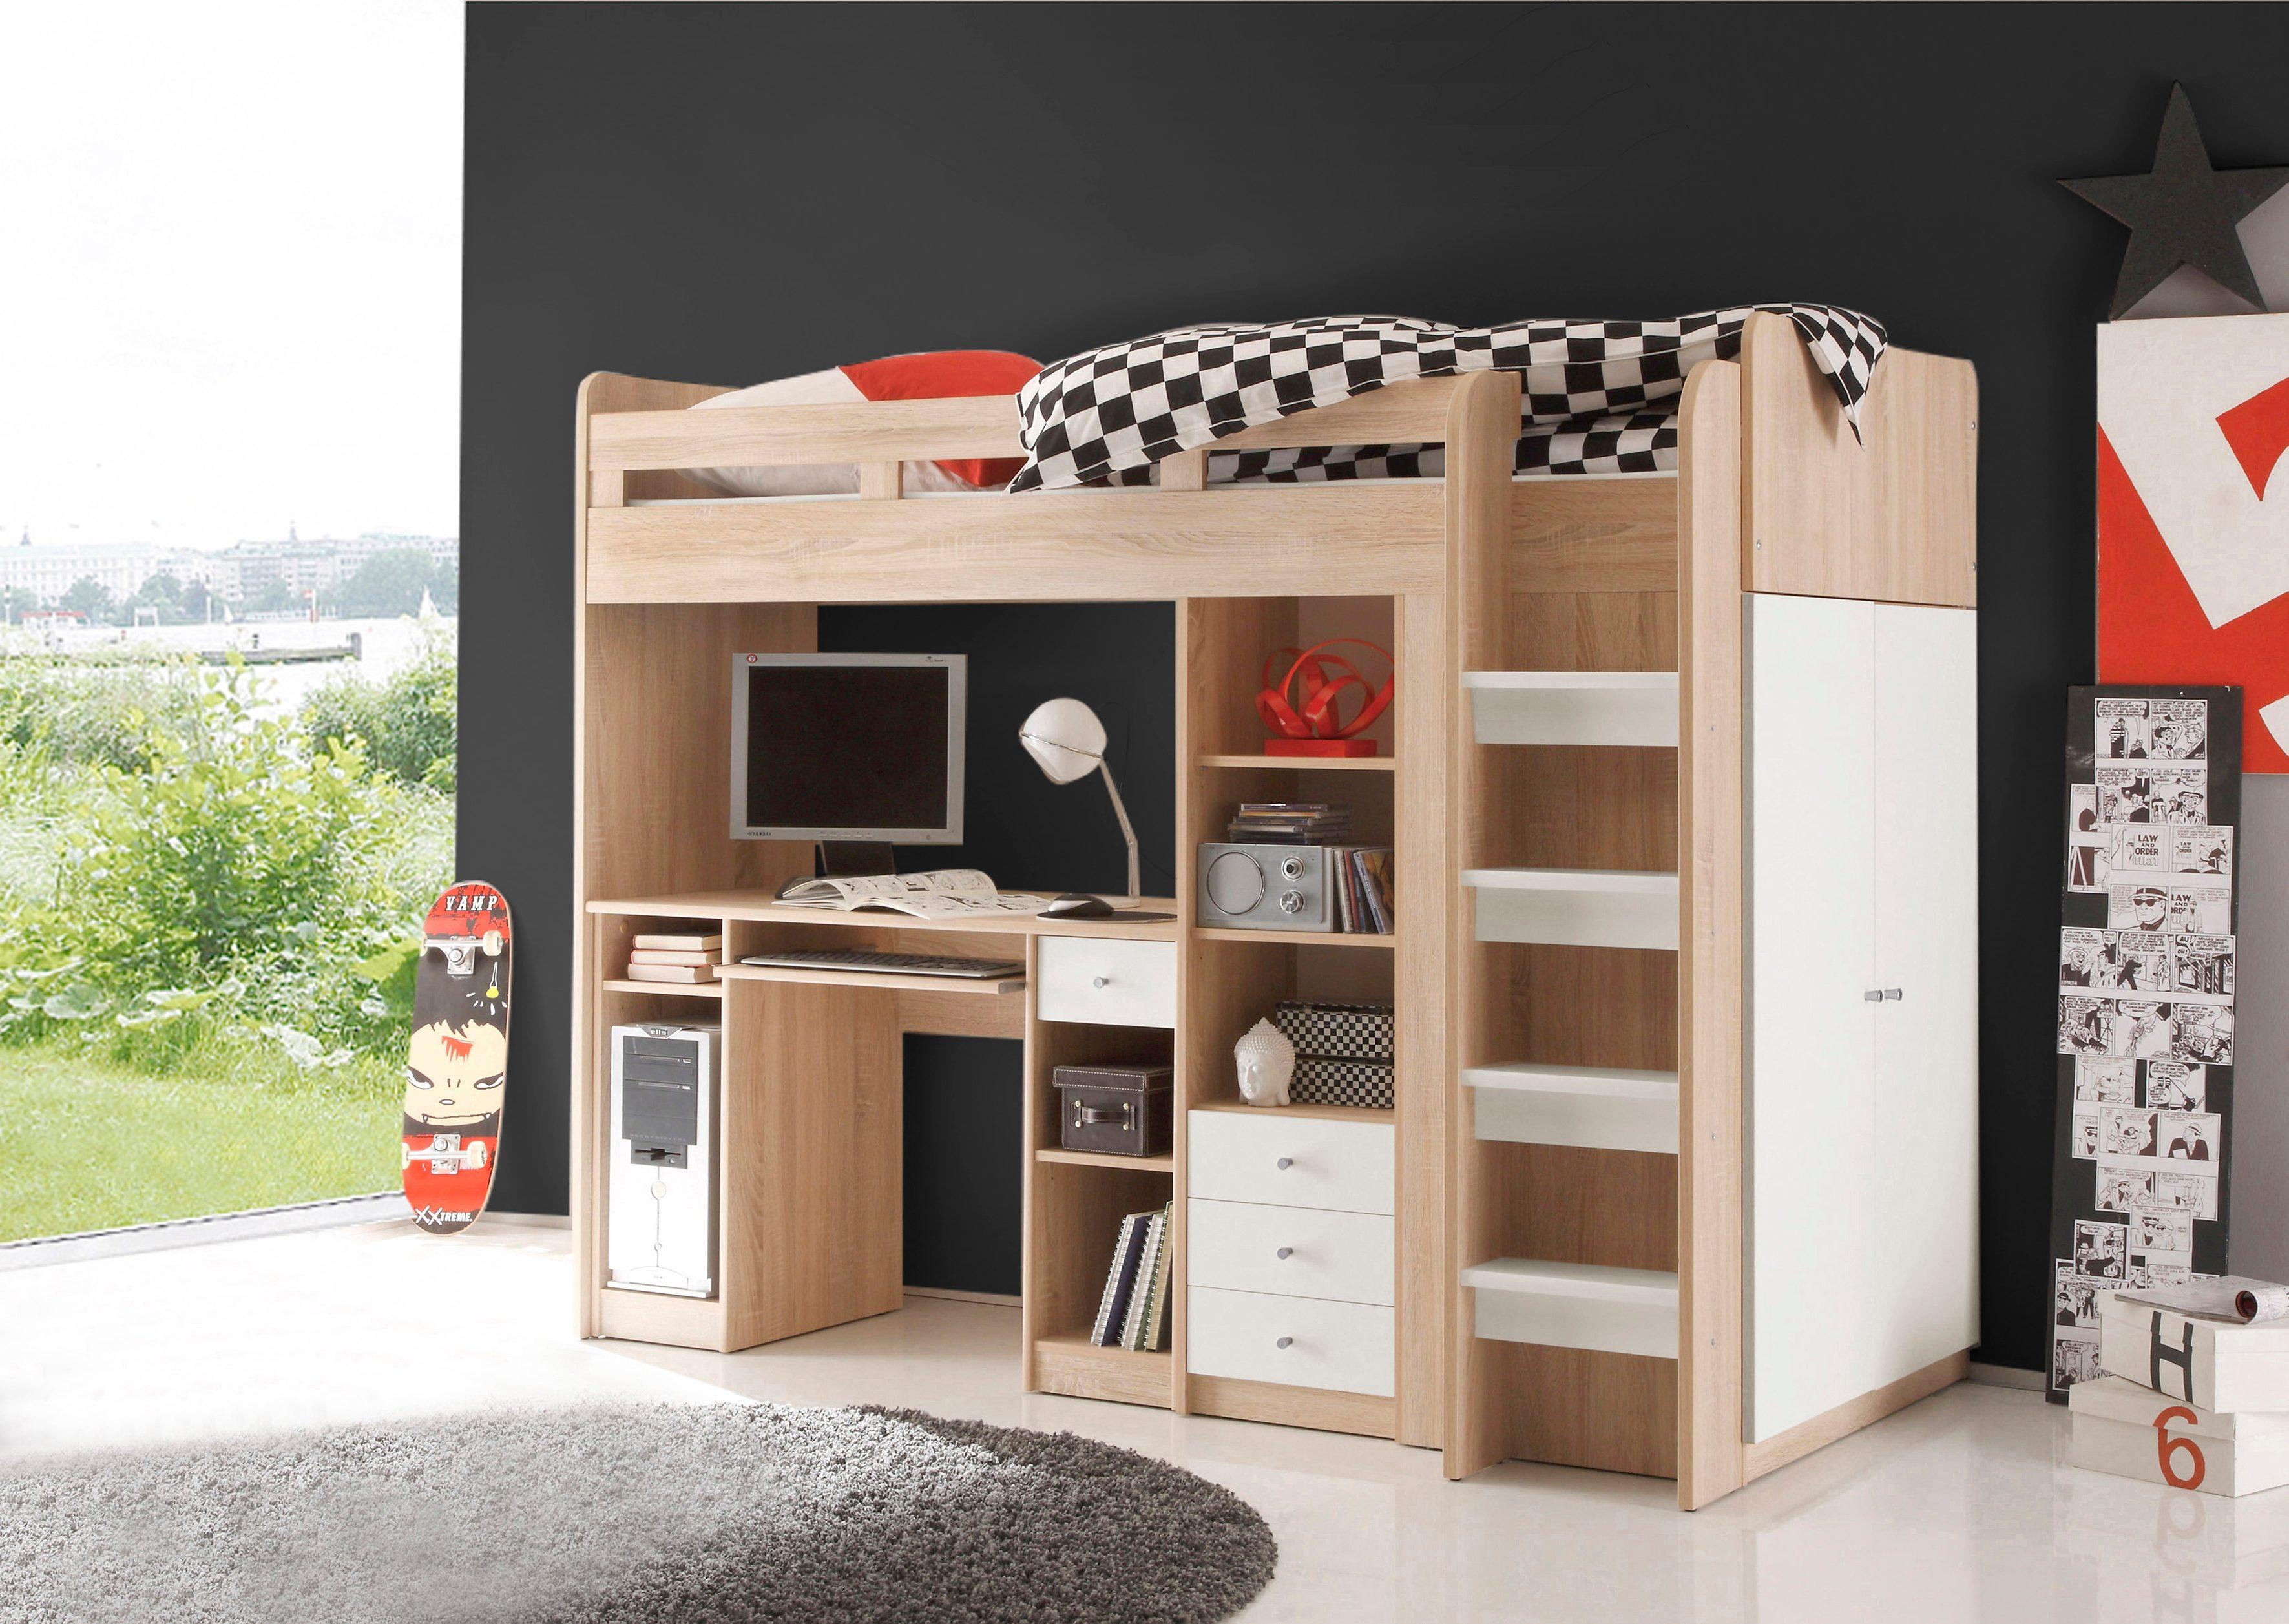 Kinder Etagenbett Mit Schrank : Hochbett online kaufen mit treppe otto